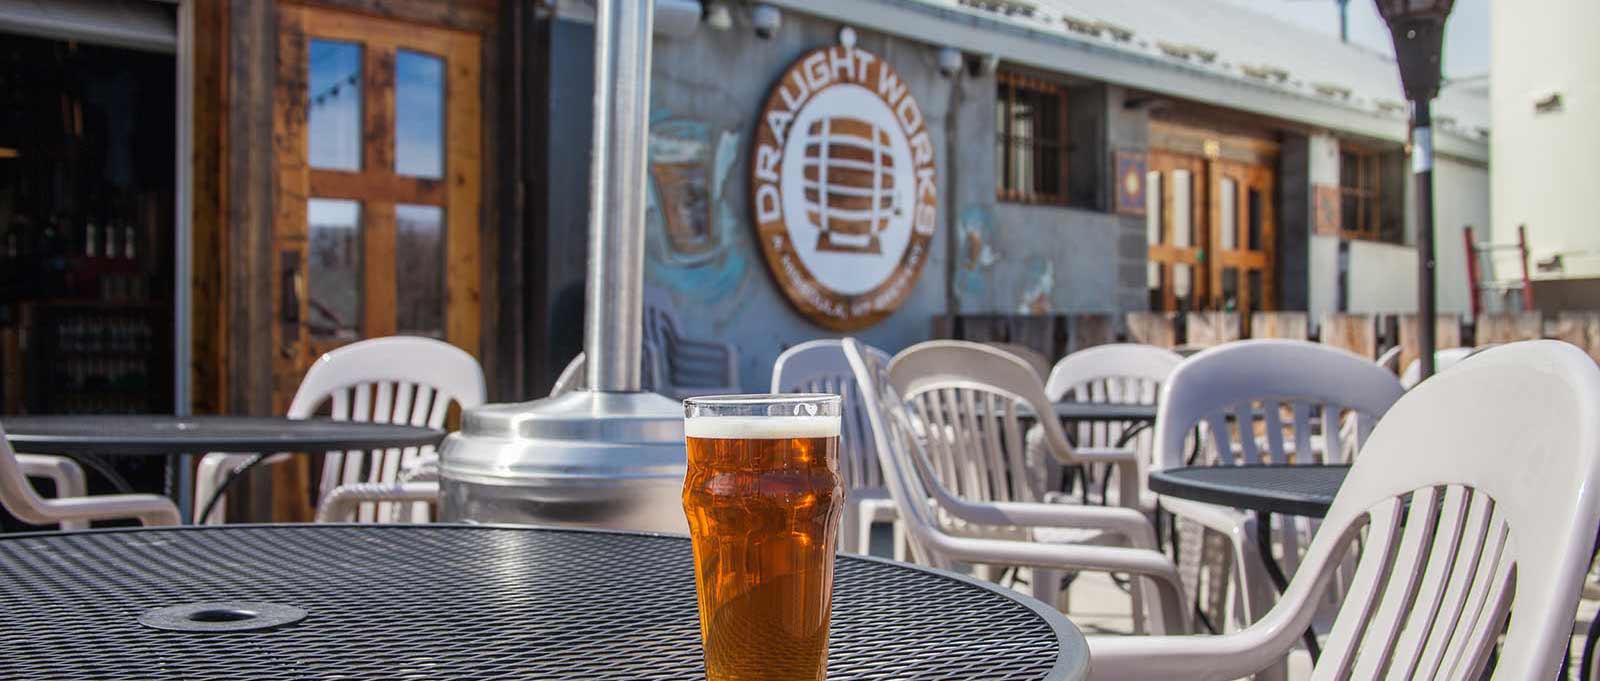 2016 Top 10 Cities for Beer Drinkers